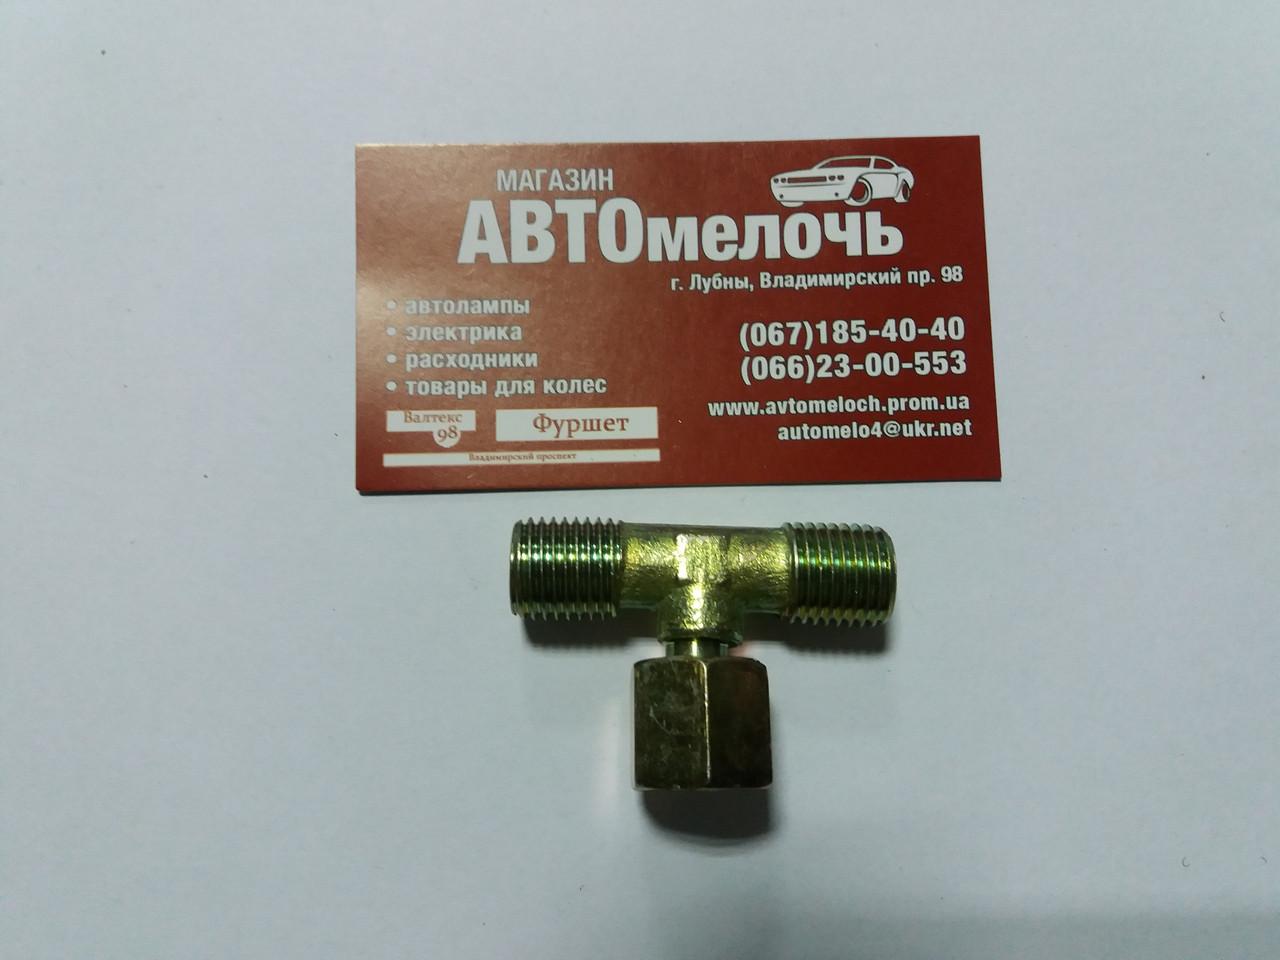 Тройник резьбовой металлический М14х1.5 наружная- М14х1.5 гайка внутренняя